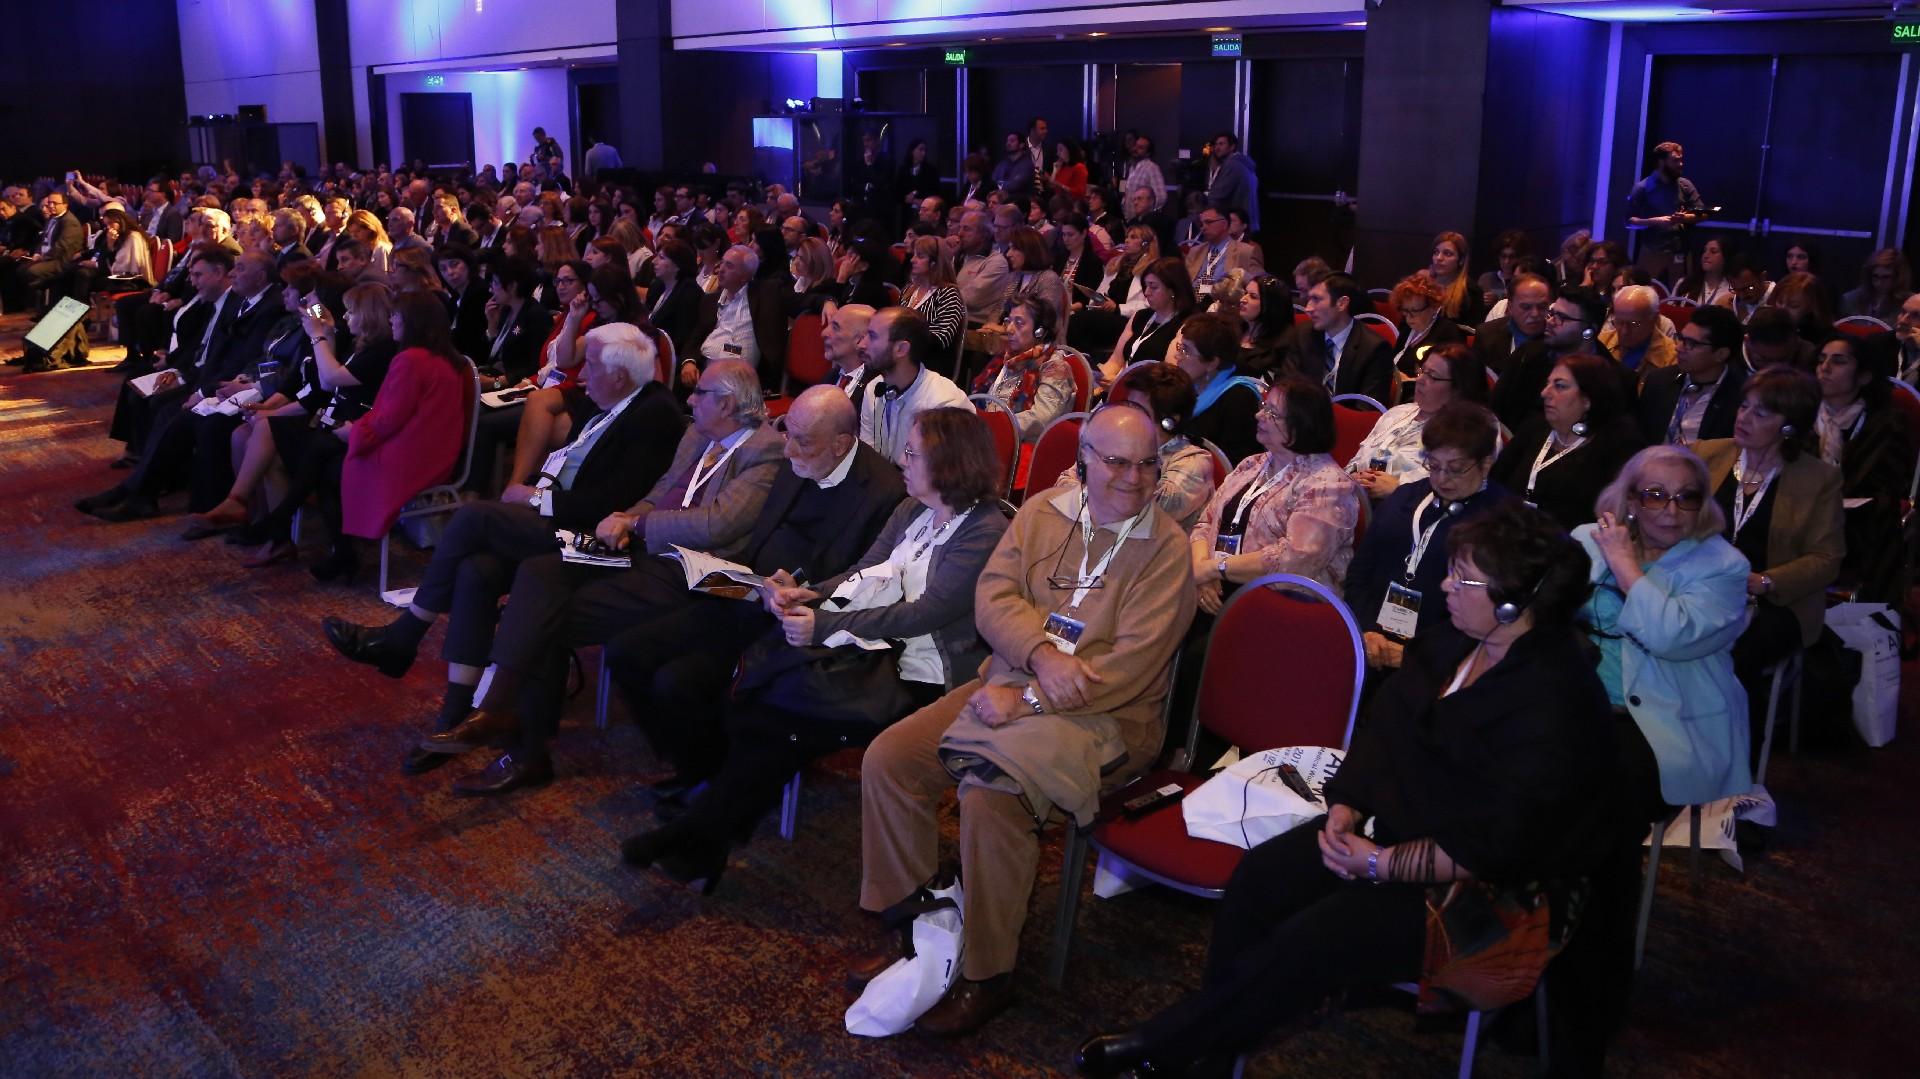 Profesionales de la salud y parte de la comunidad armenia presenció la inauguración del congreso mundial